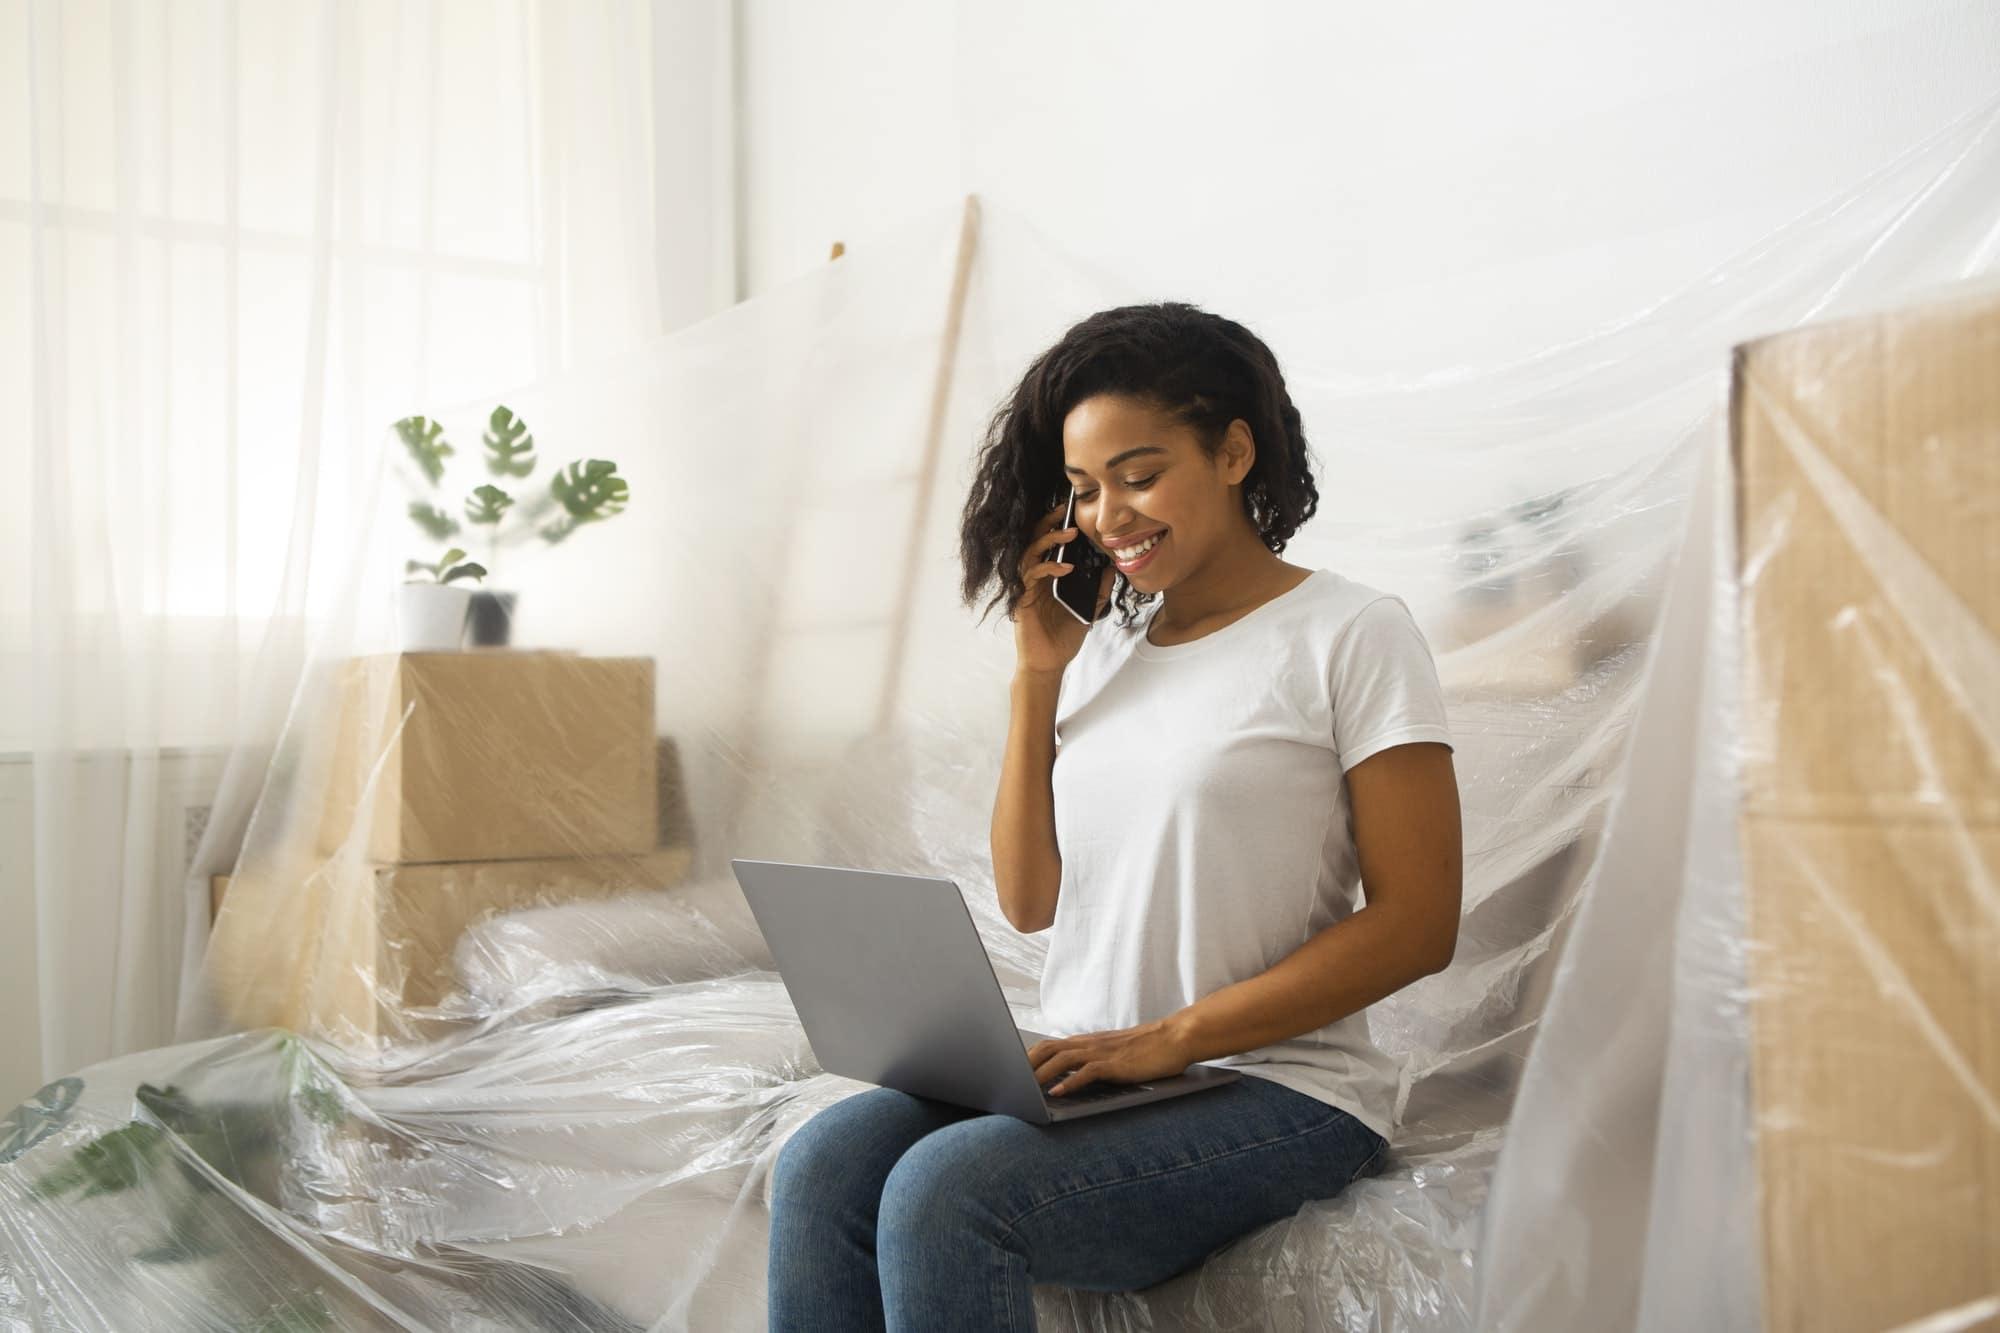 Girl looking workers to repair by phone